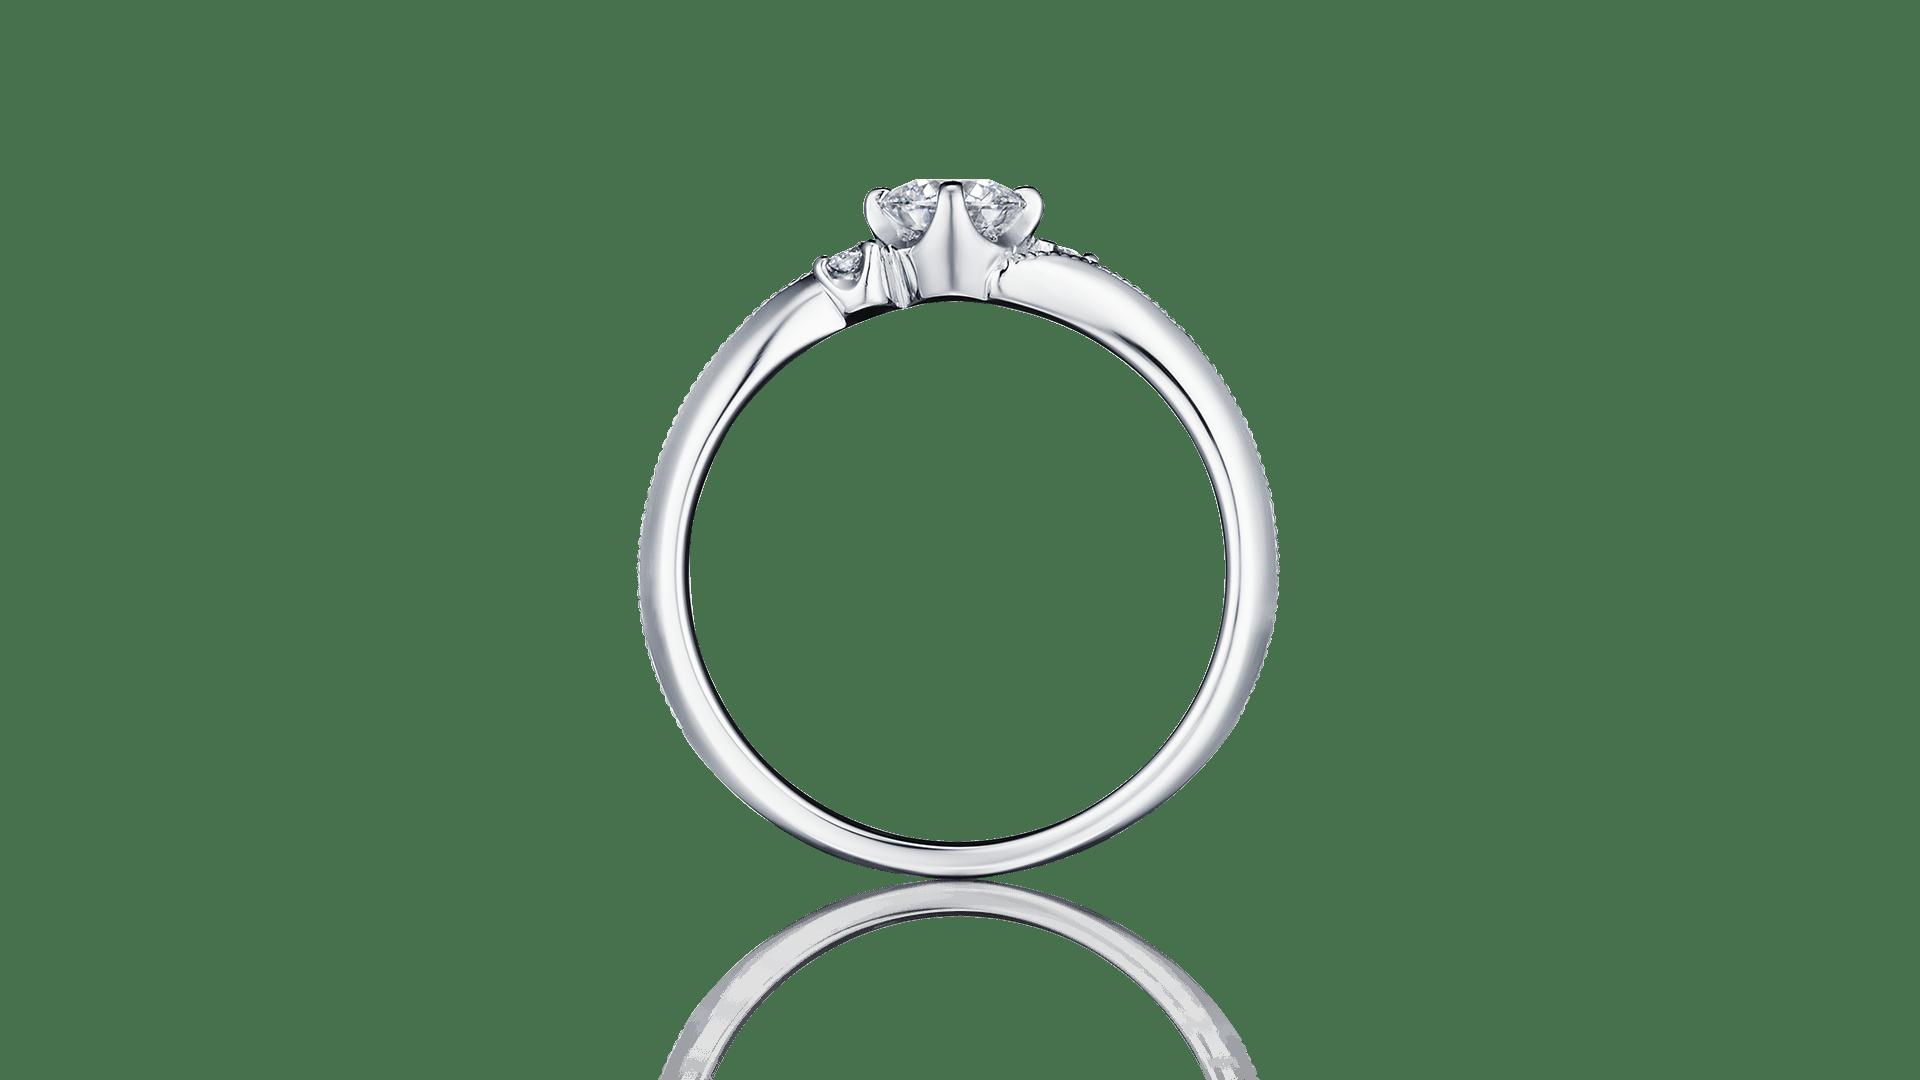 procyon プロキオン | 婚約指輪サムネイル 2